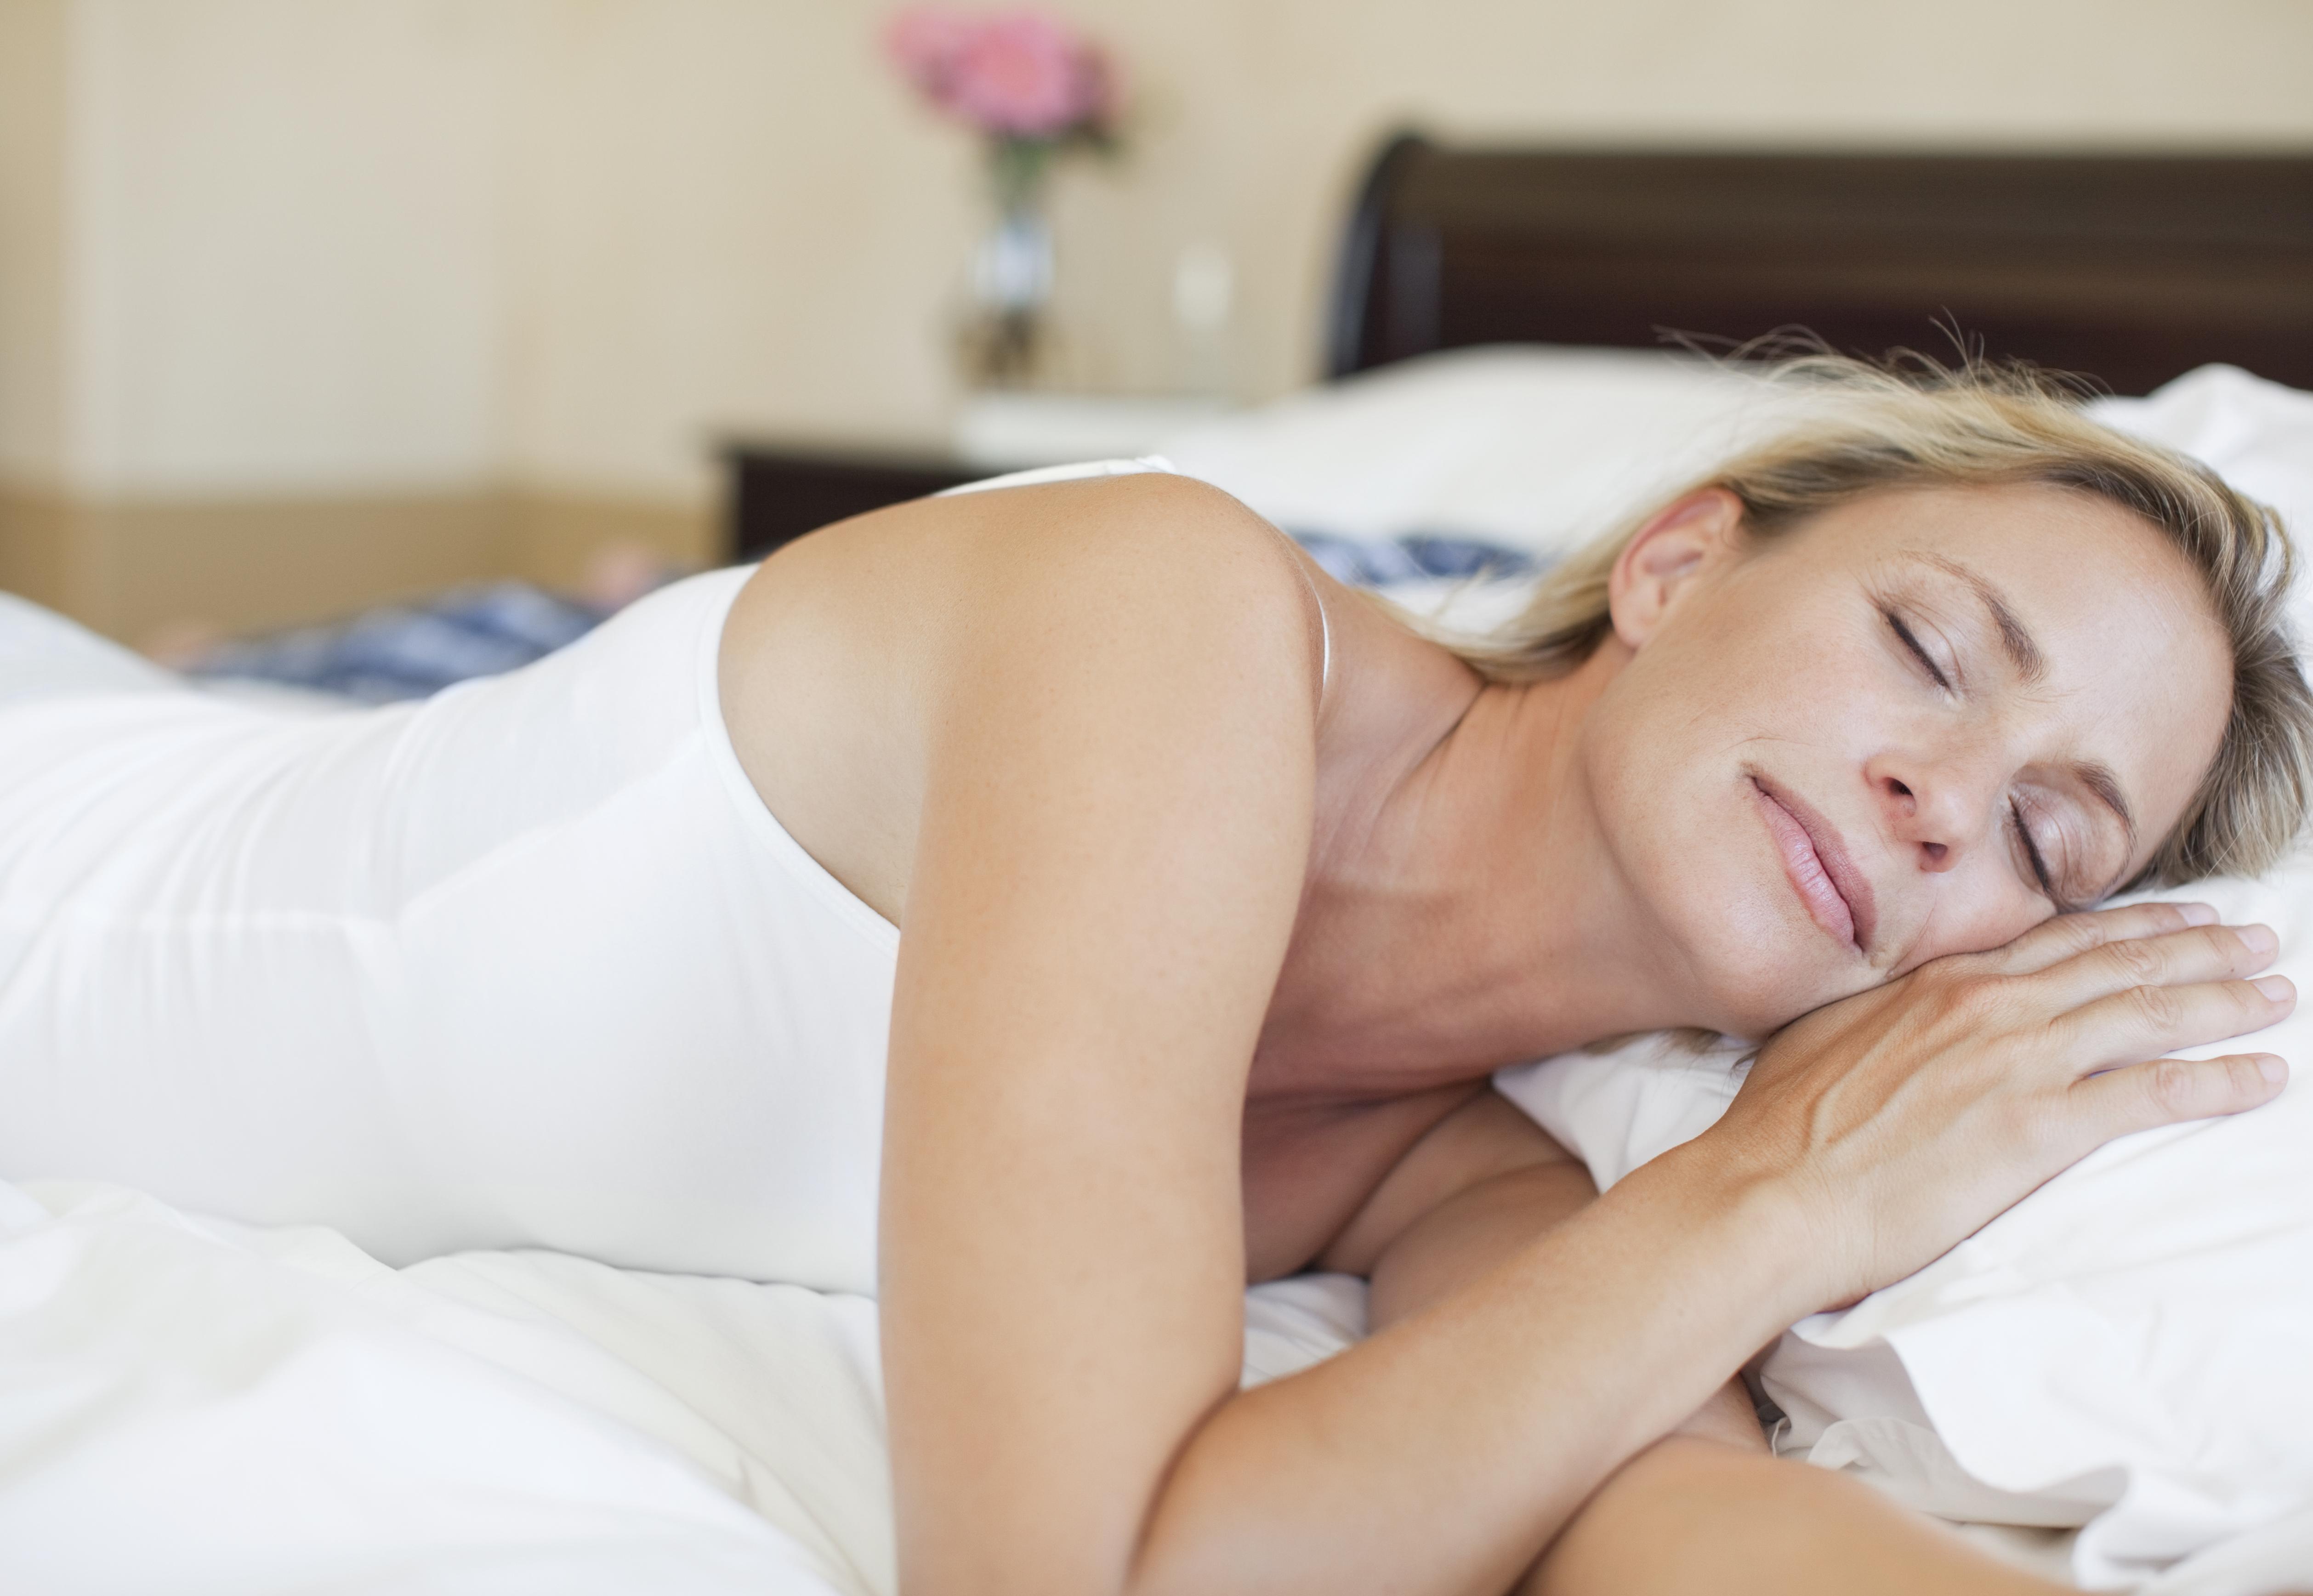 Sover skønhed sex videoer